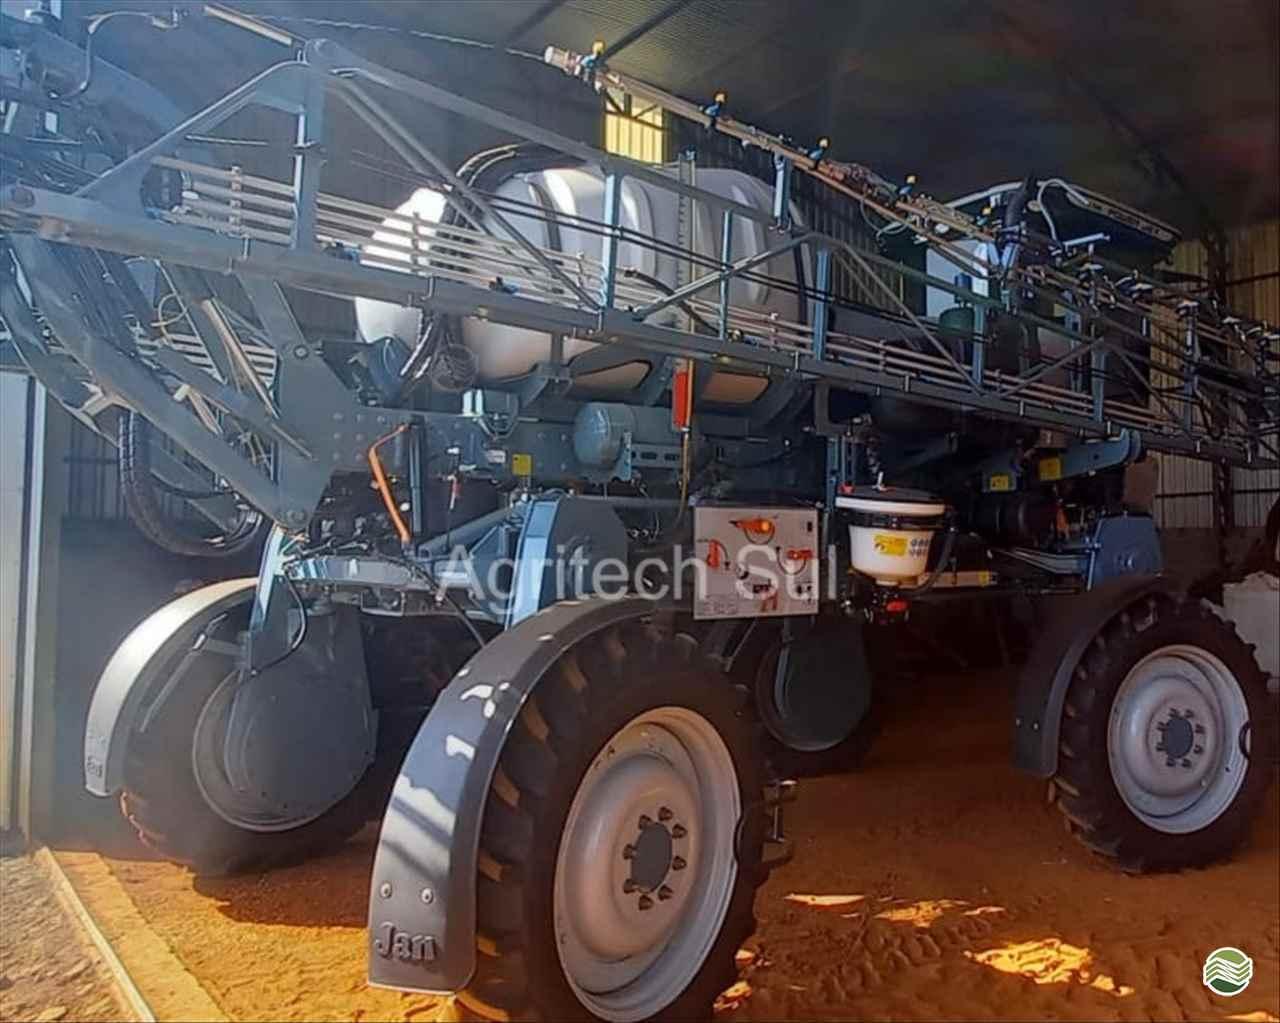 PULVERIZADOR JAN POWER JET 2650 Tração 4x4 Agritech Sul PASSO FUNDO RIO GRANDE DO SUL RS